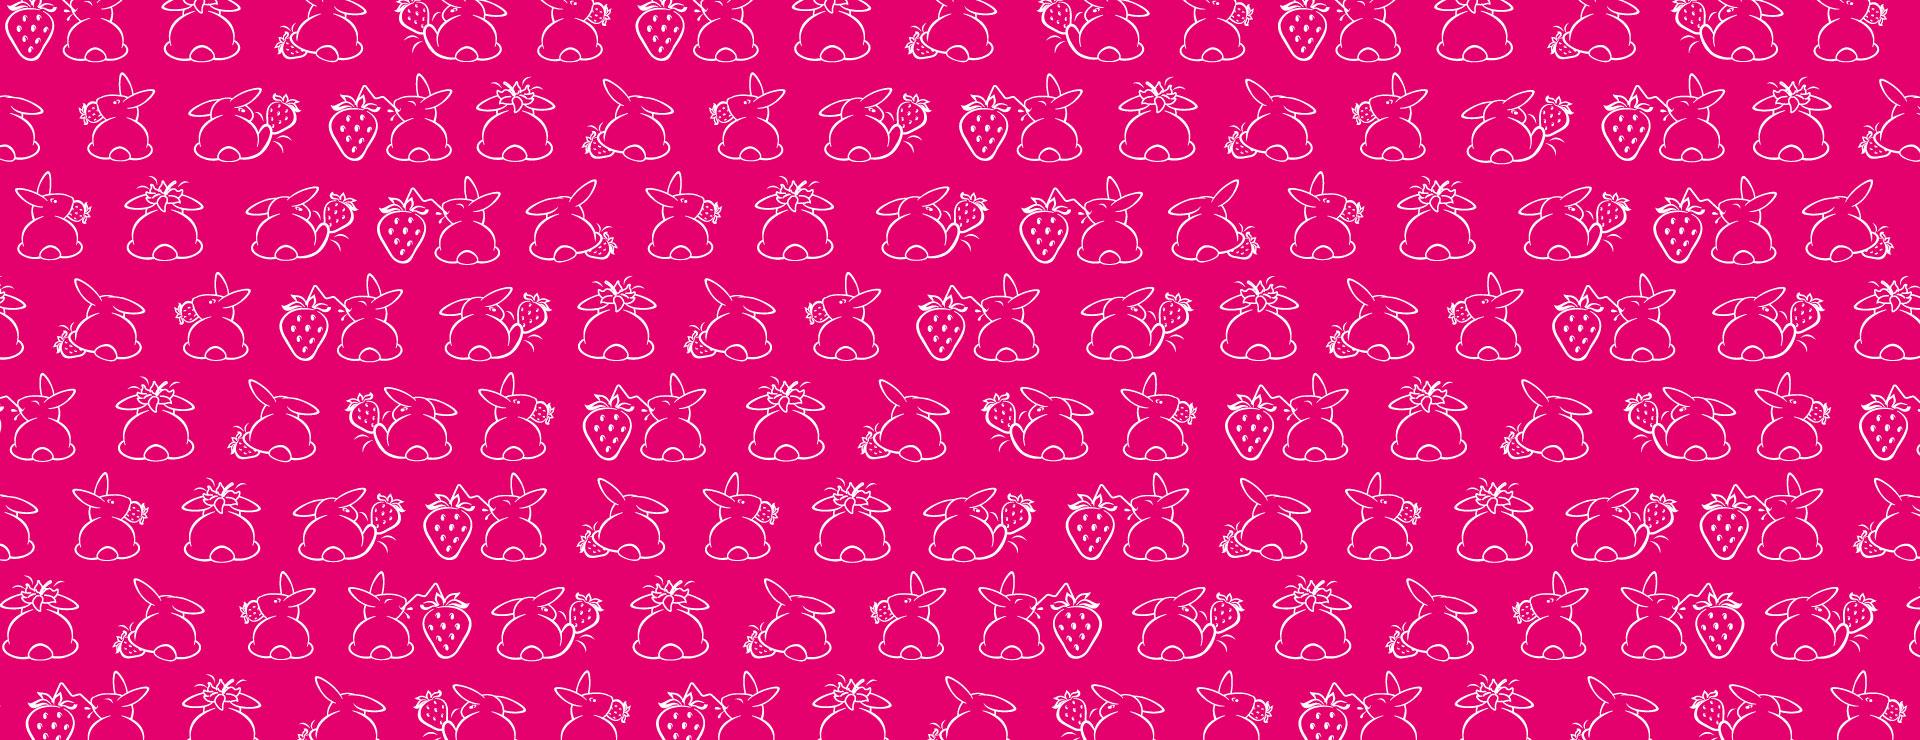 Hintergrund_Erdbeerhäschen